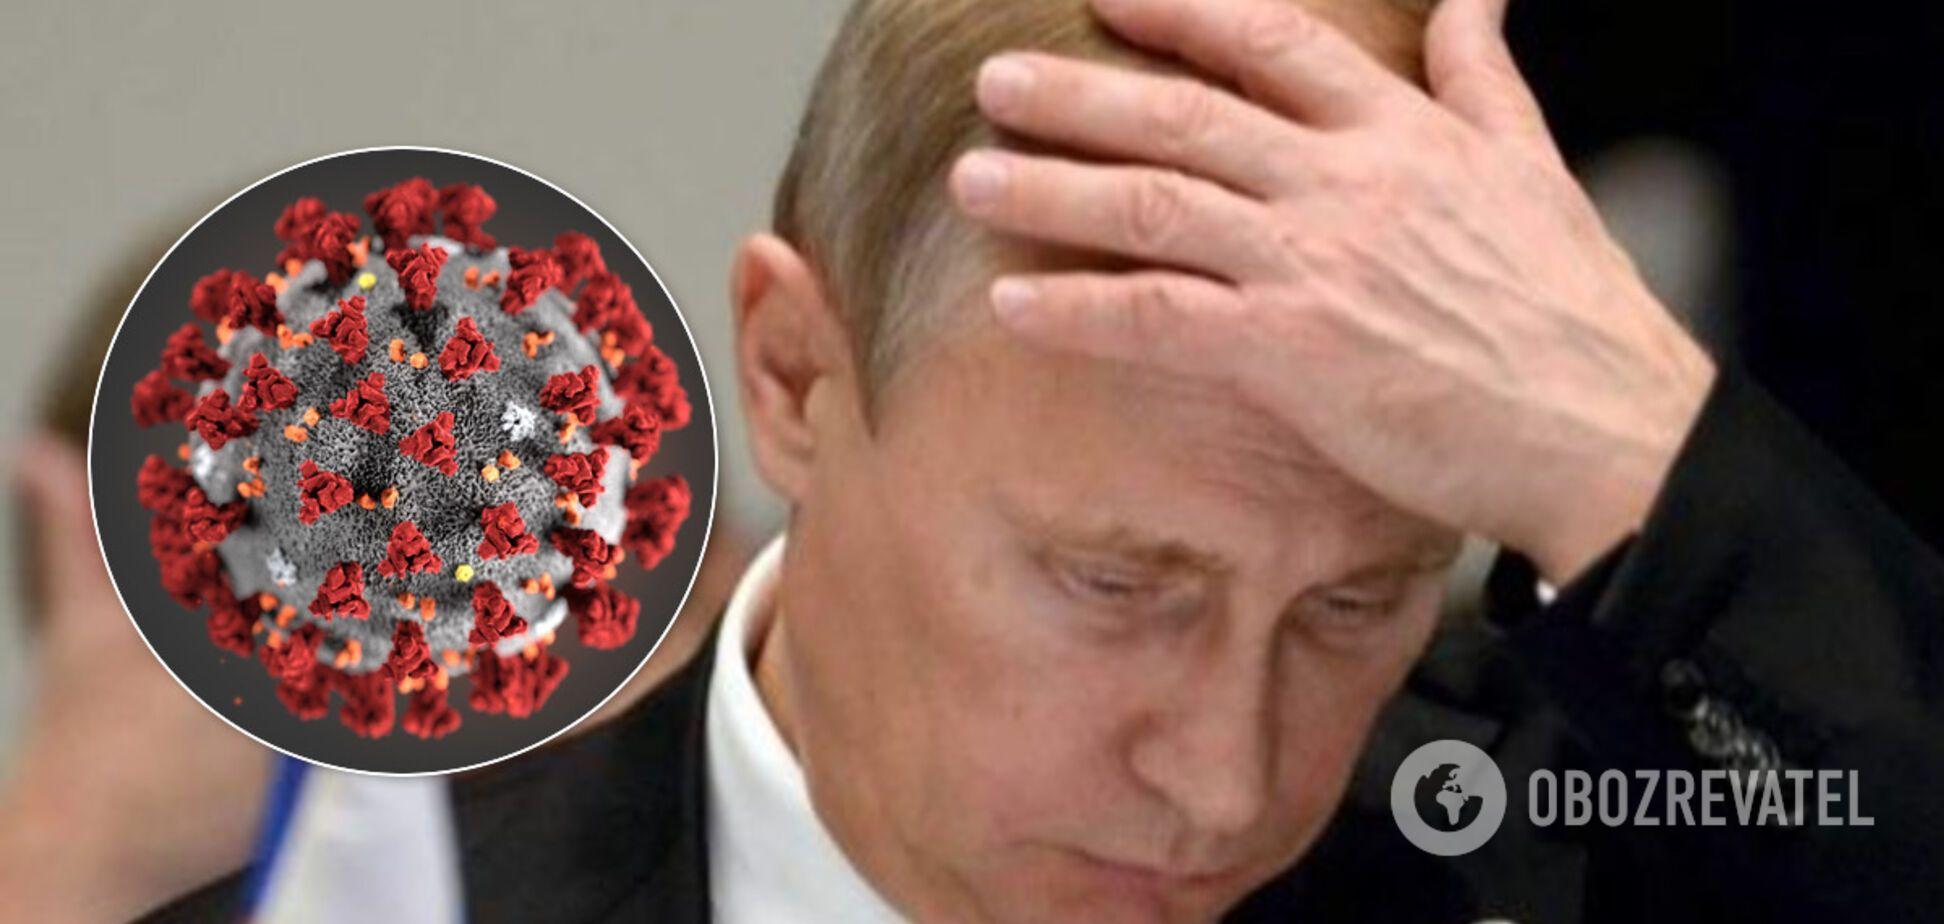 Пандемія коронавірусу прискорить відставку Путіна – однокурсник президента РФ